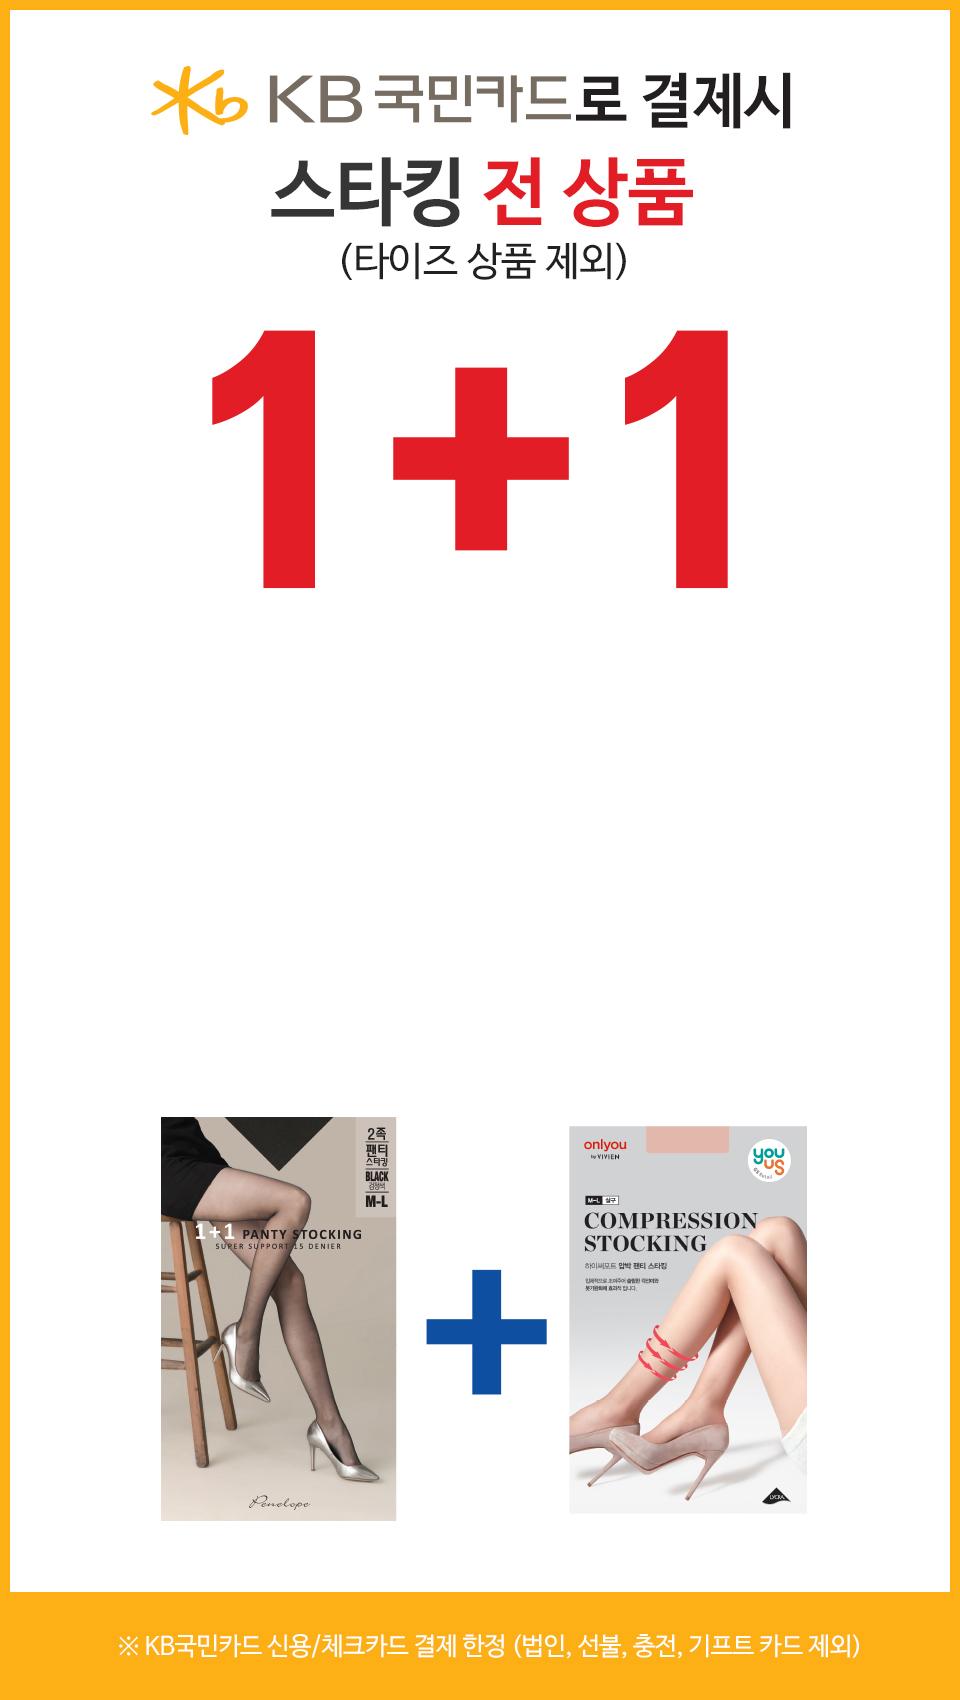 KB국민카드로 결제시 스타킹 전 상품 1+1 *KB국민카드 신용/체크카드 결제 한정 법인, 선불, 충전, 기프트 카드 제외